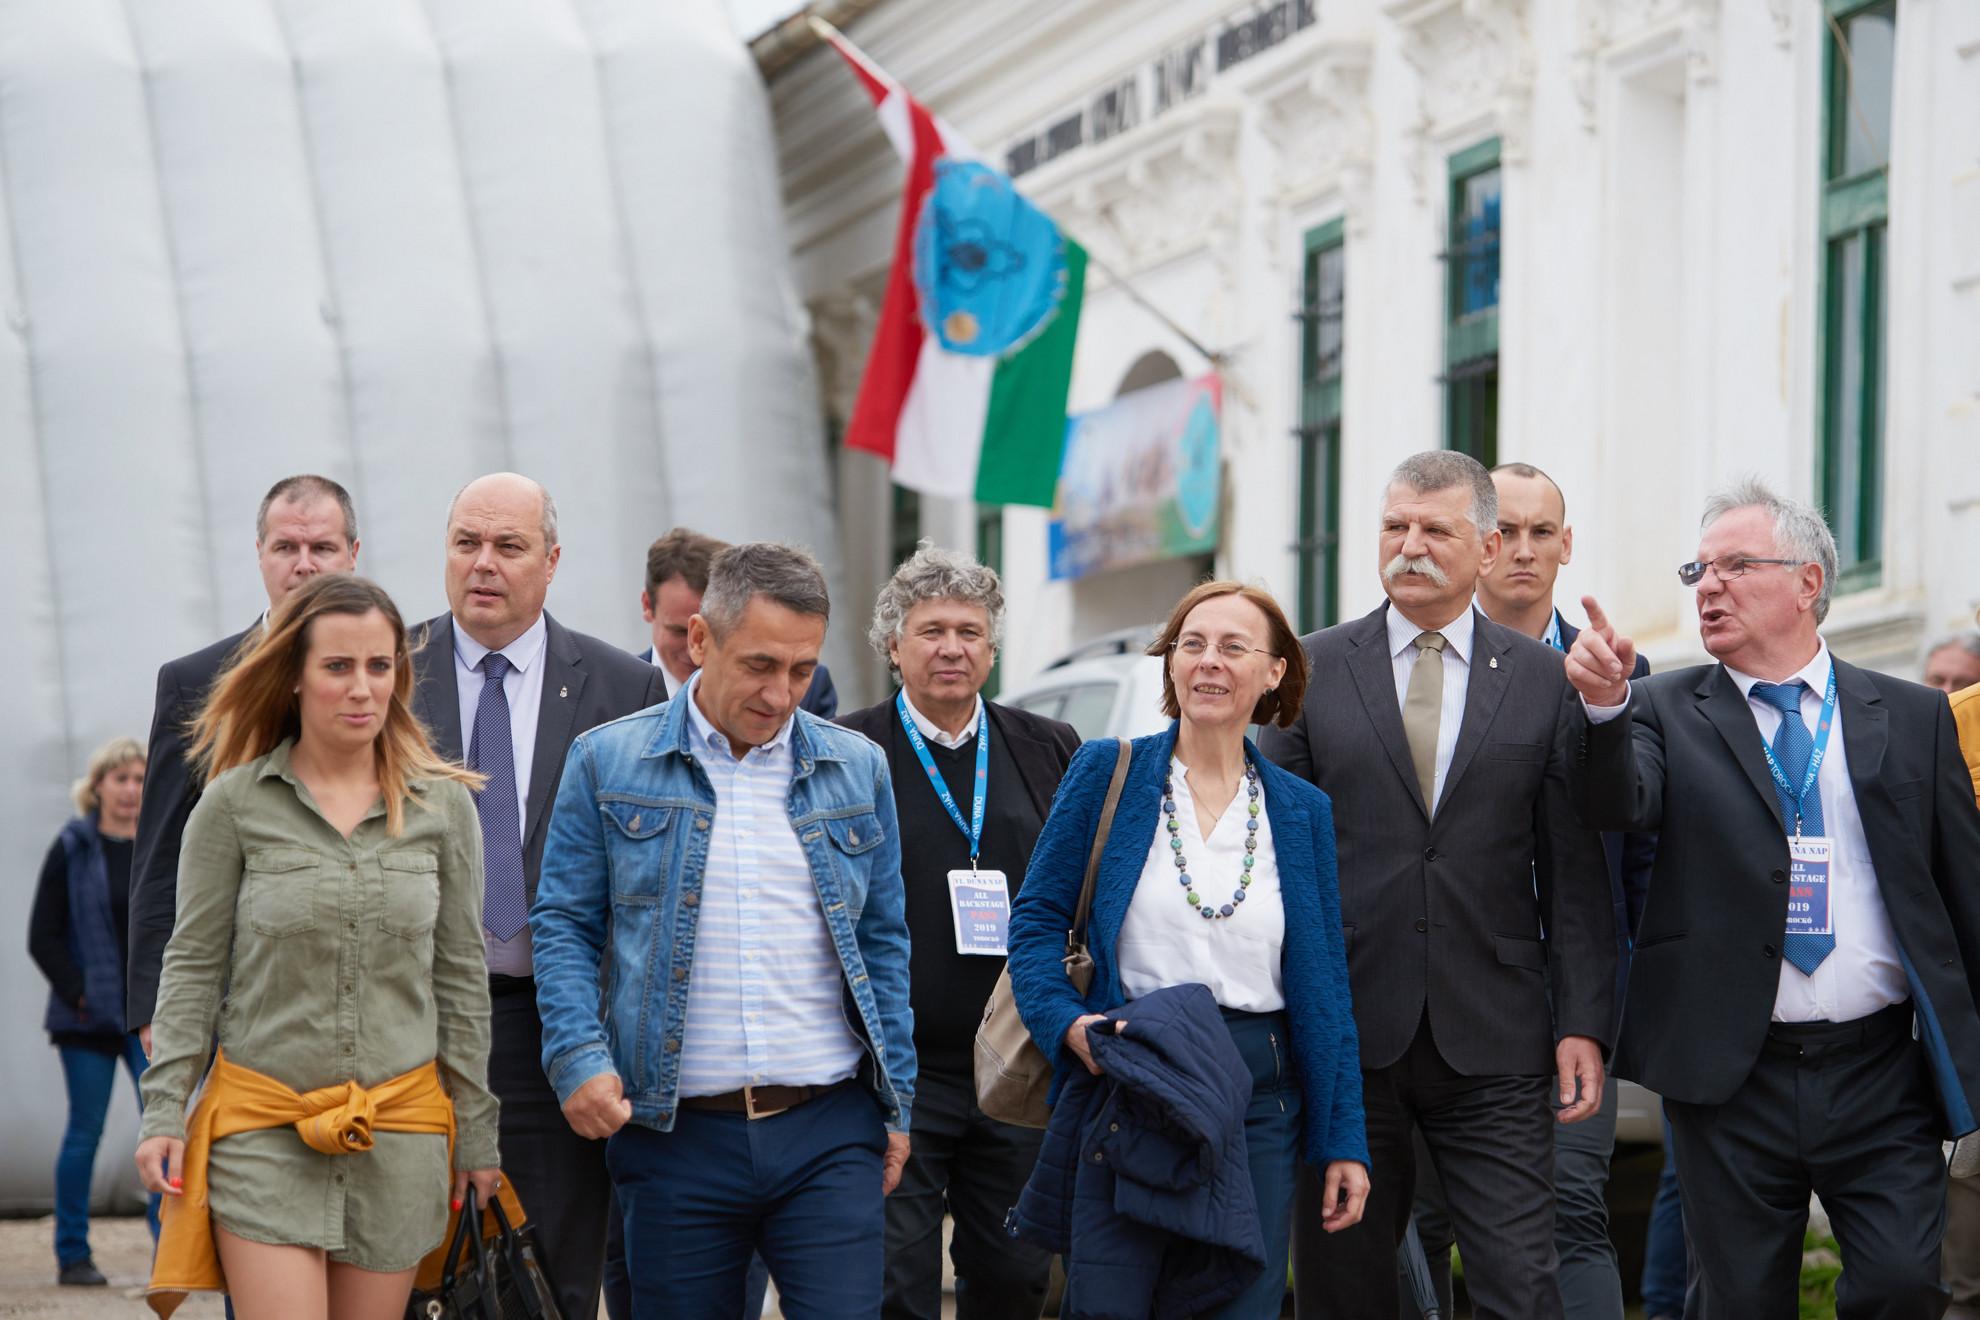 Dobos Menyhért (j), a Duna Médiaszolgáltató Nonprofit Zrt. vezérigazgatója, Kövér László (j2), az Országgyűlés elnöke (j2, elöl), Potápi Árpád János (b2, elöl) nemzetpolitikáért felelős államtitkár, Balogh László a Közszolgálati Közalapítvány Kuratóriumának elnöke (középen a második sorban)  a VI. Duna Napon